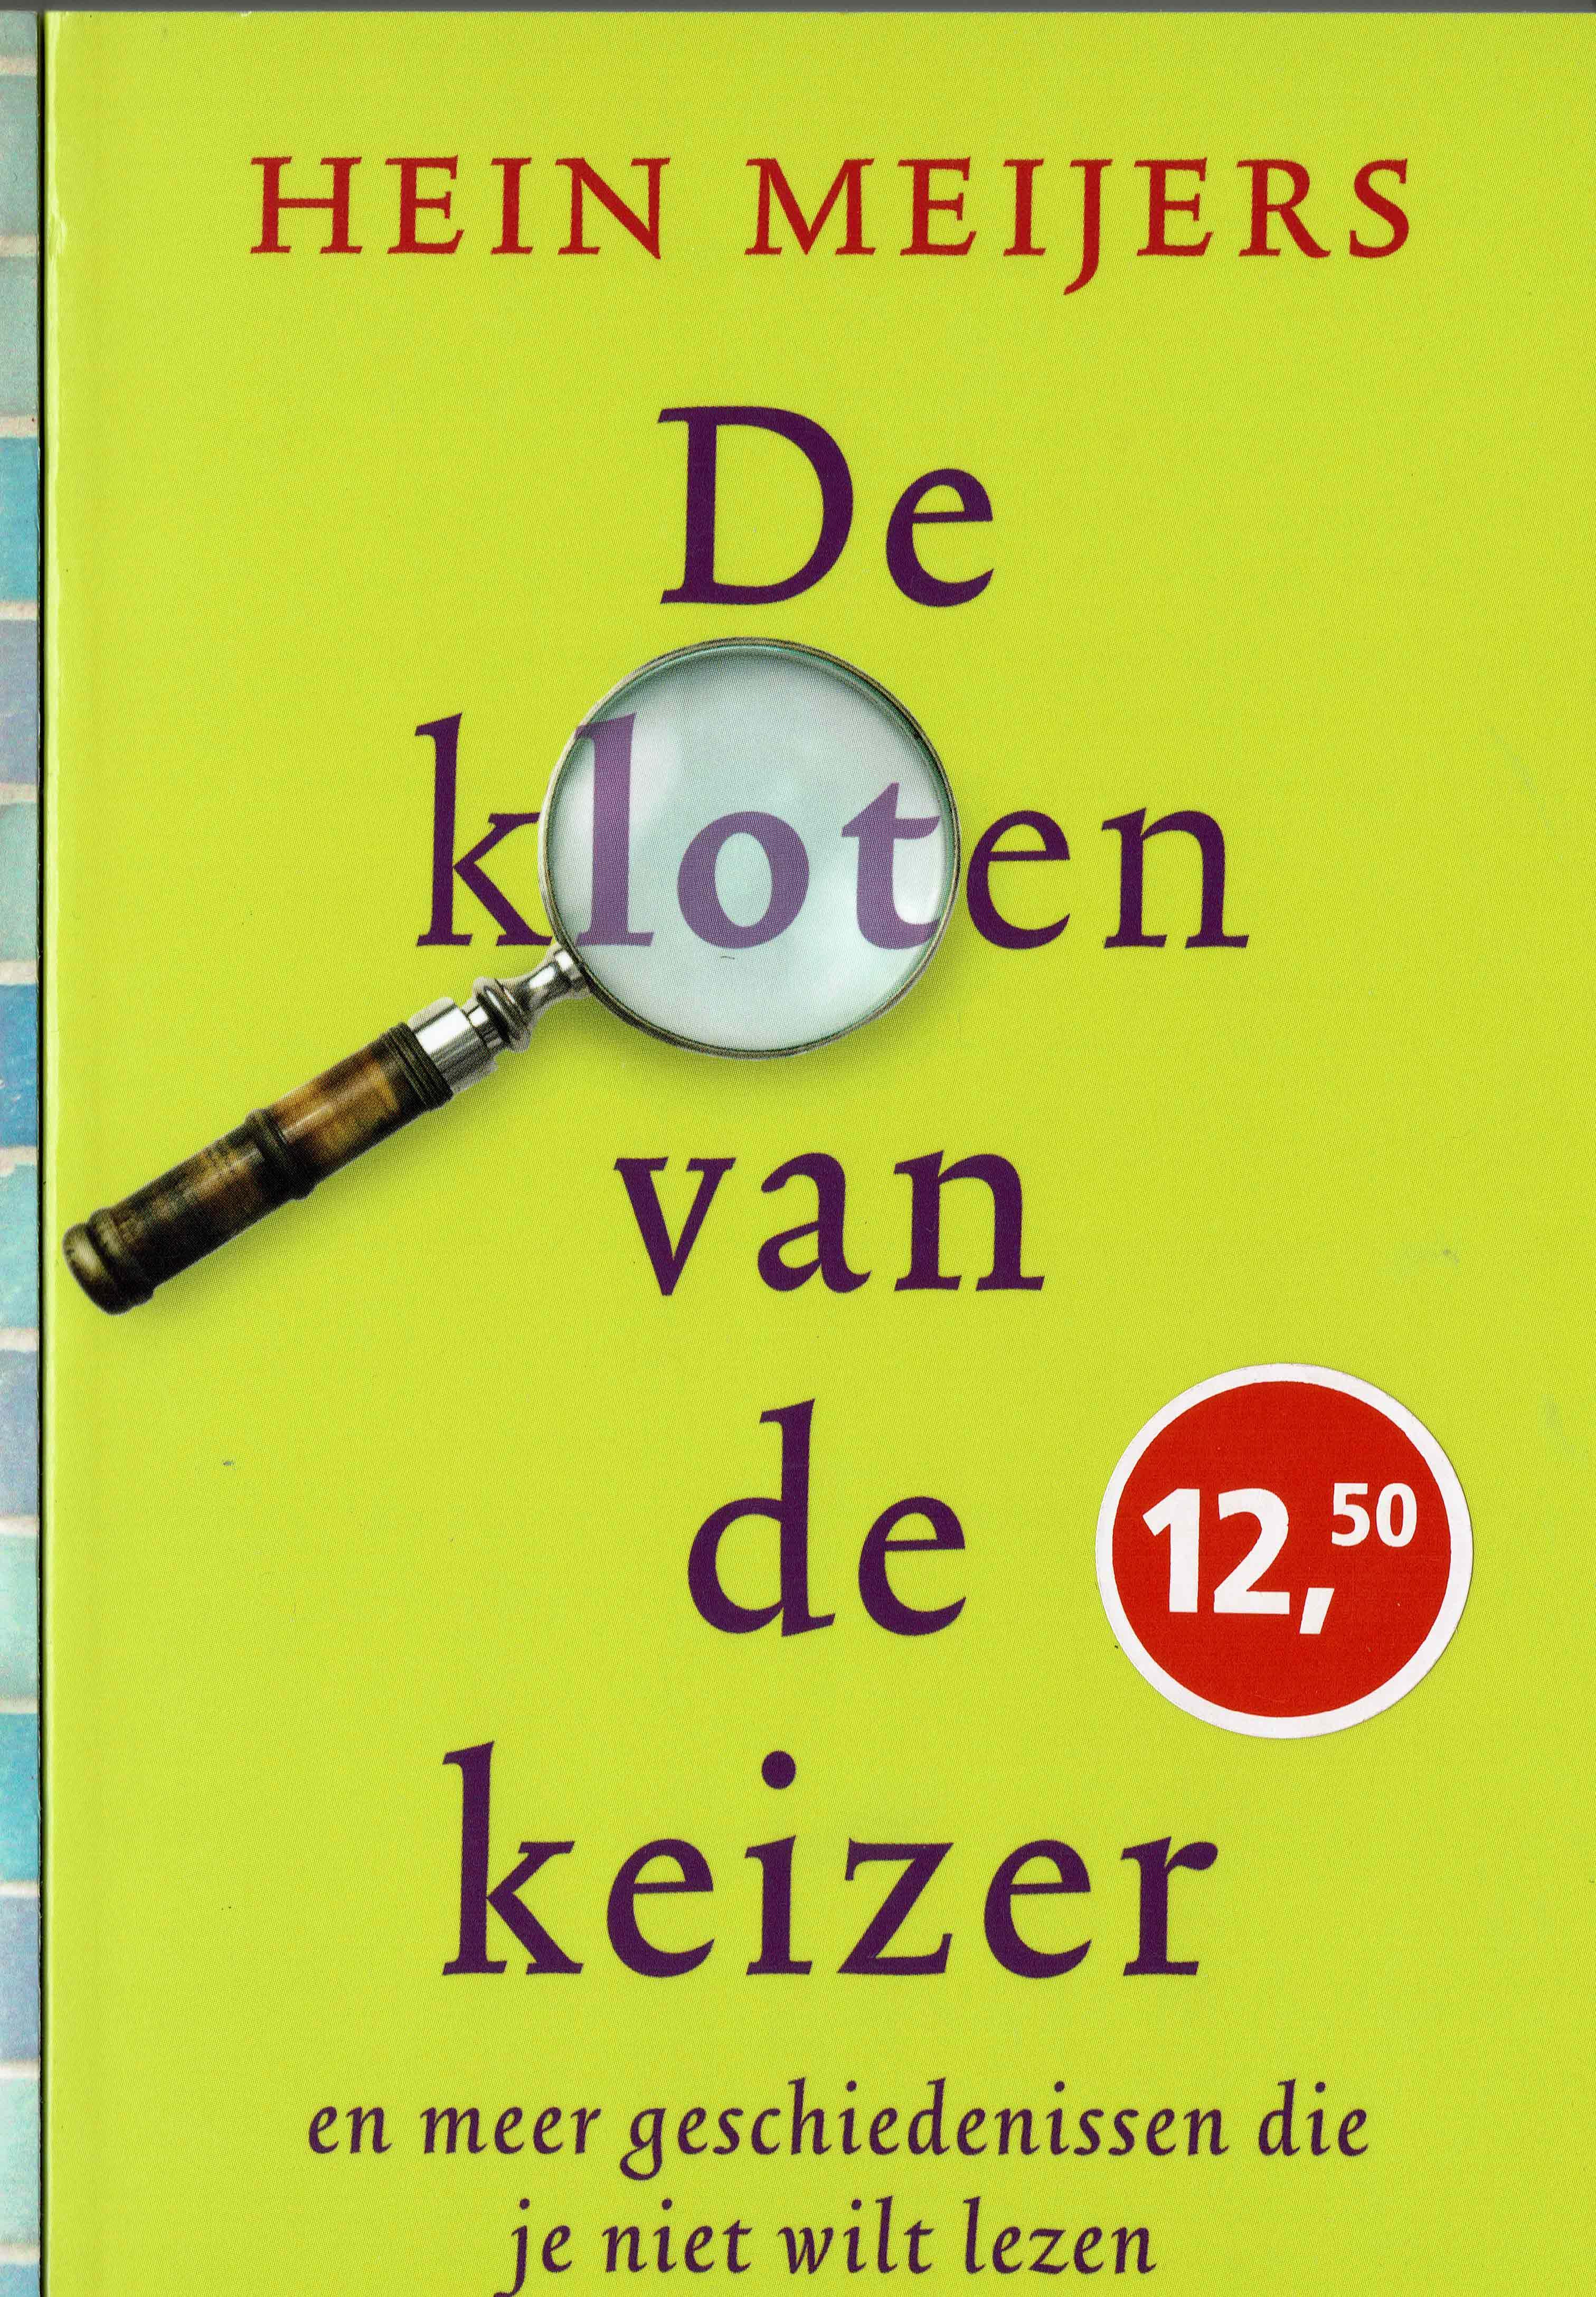 boeken_01(1)